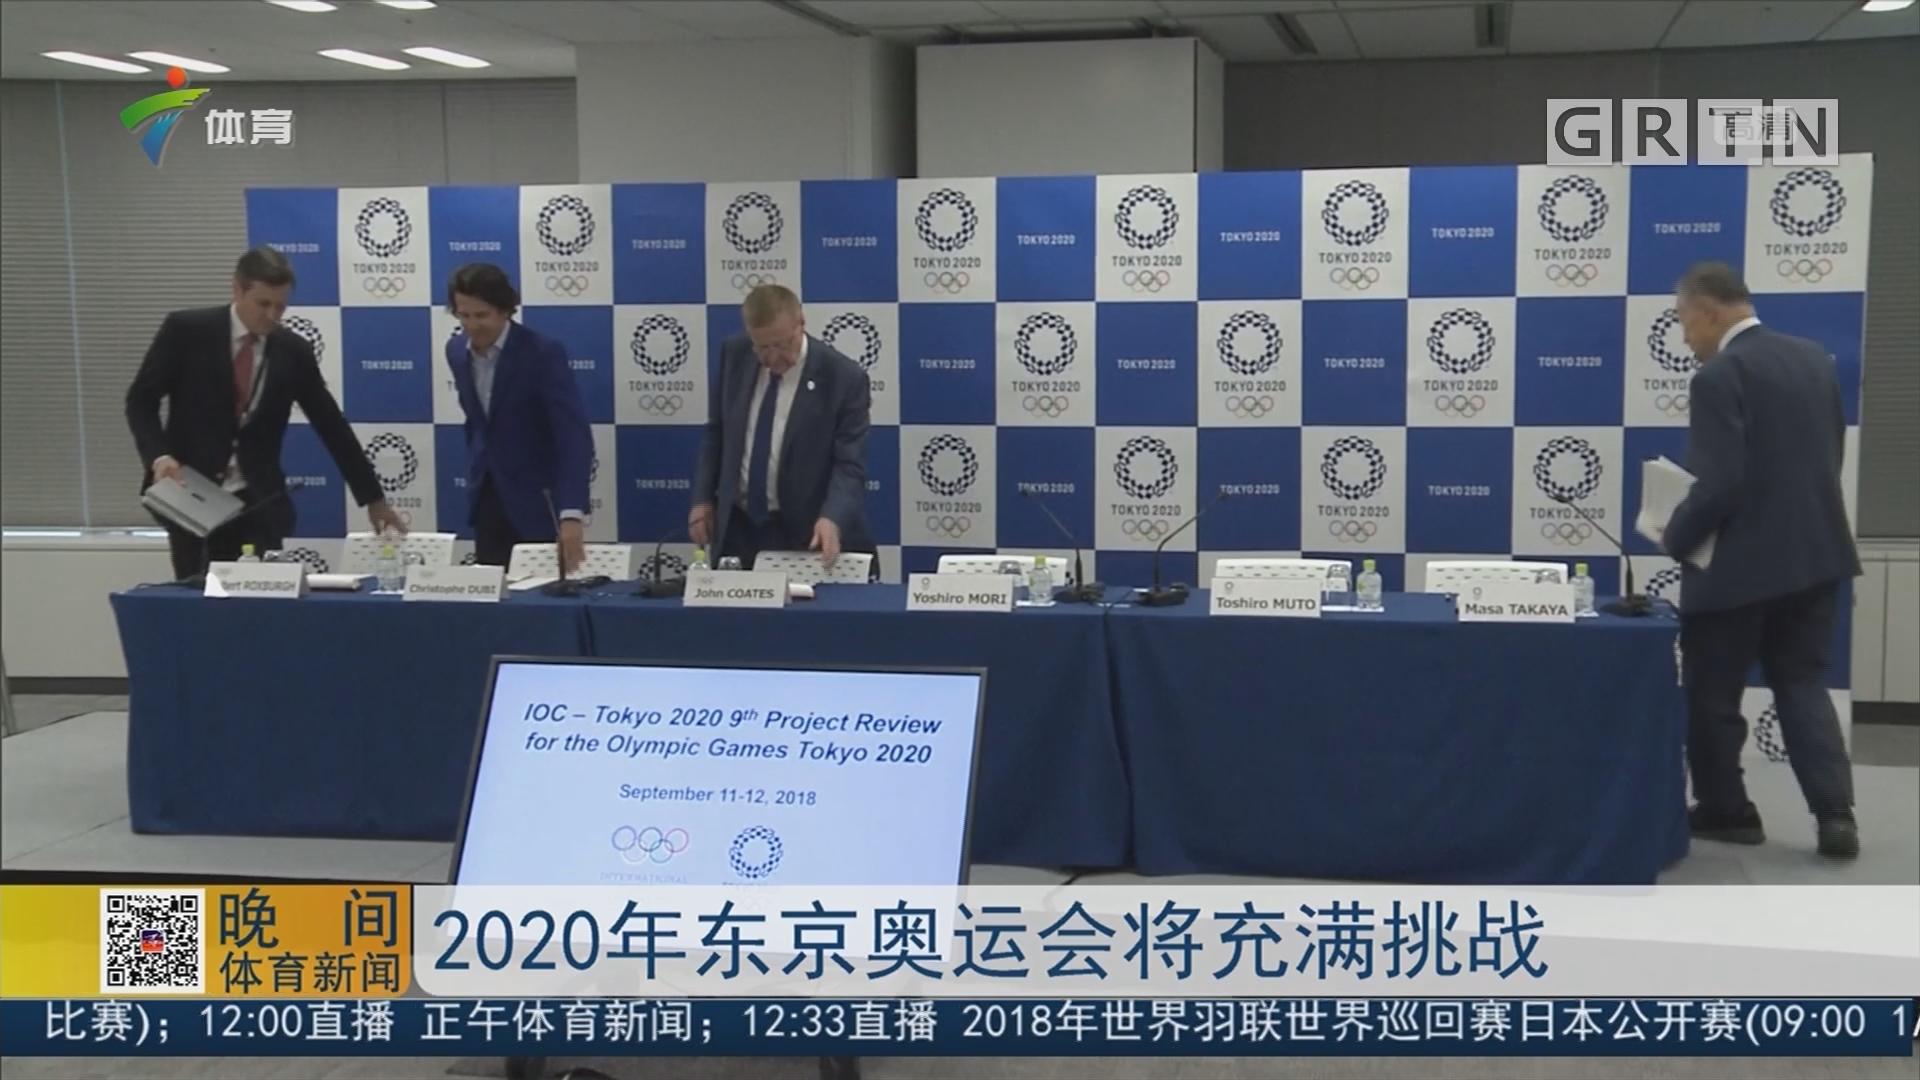 2020年东京奥运会将充满挑战